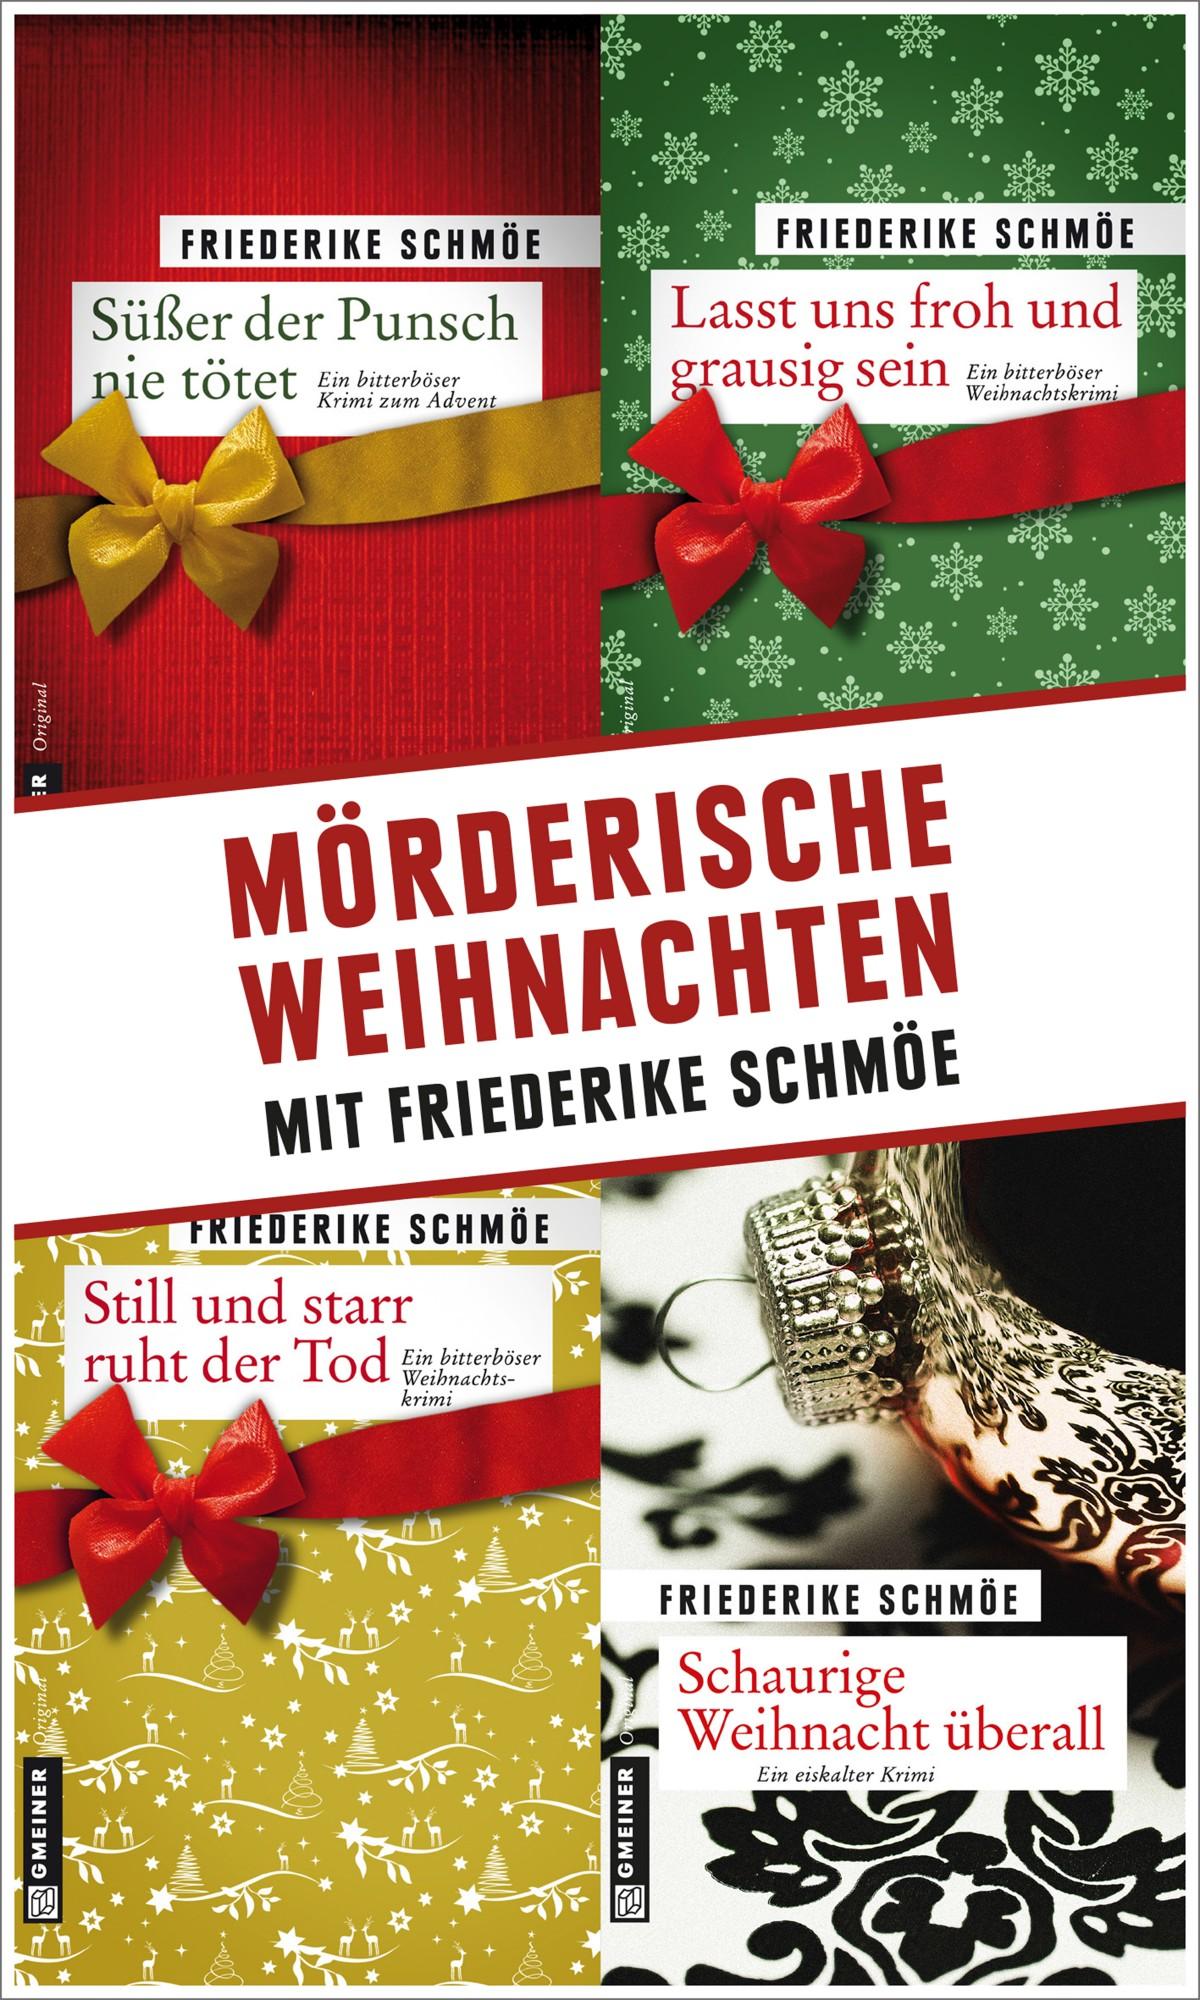 Mörderische Weihnachten - Gmeiner Verlag